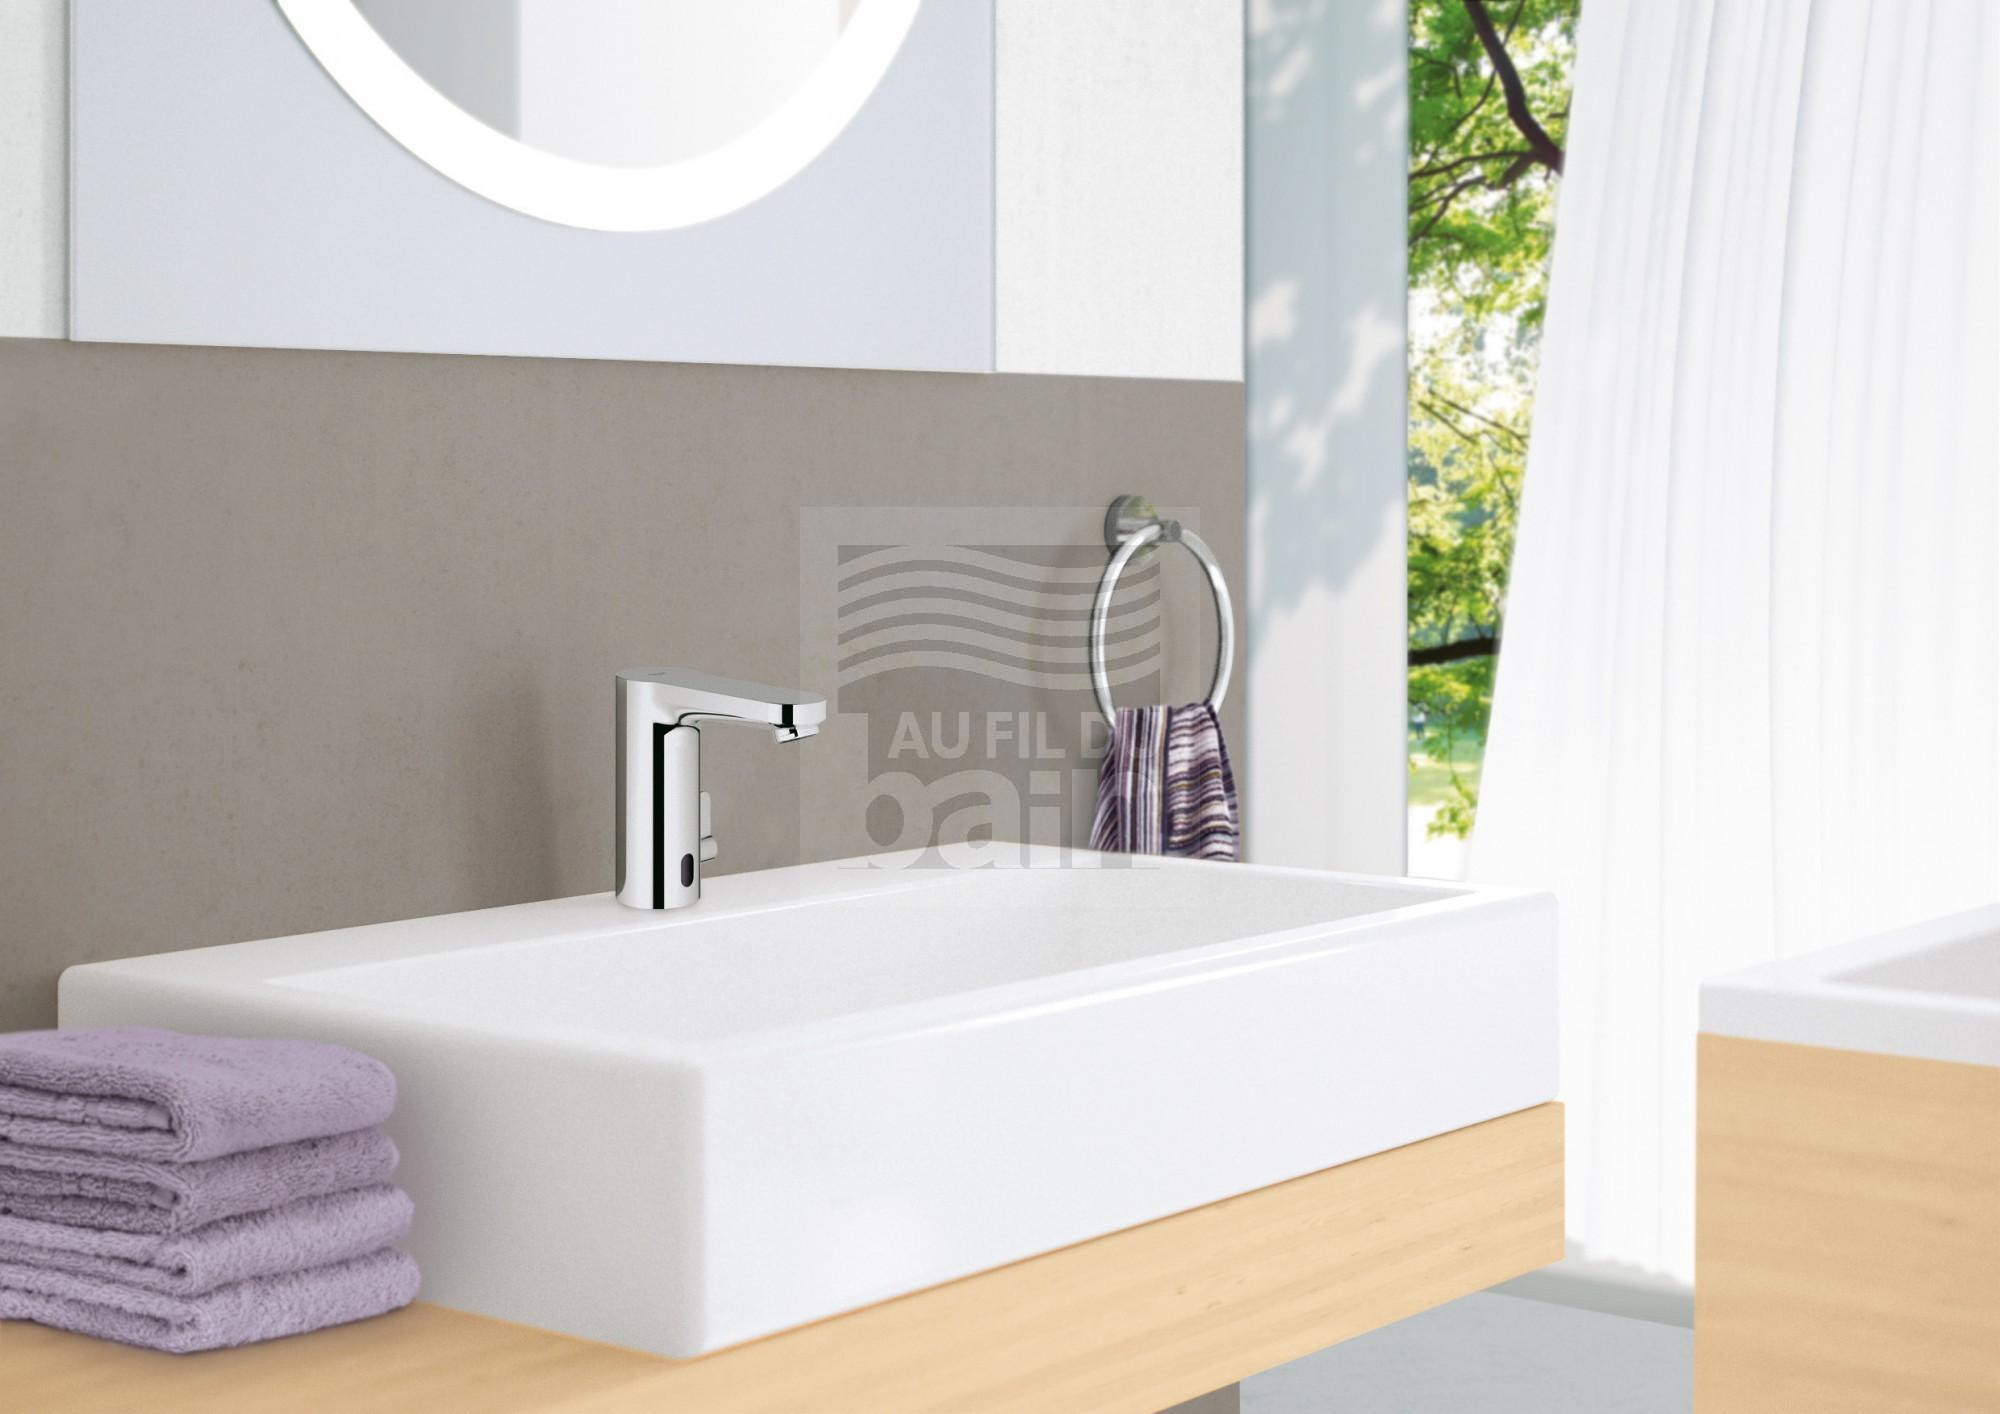 robinetterie electronique lavabo magasin pour vente de. Black Bedroom Furniture Sets. Home Design Ideas